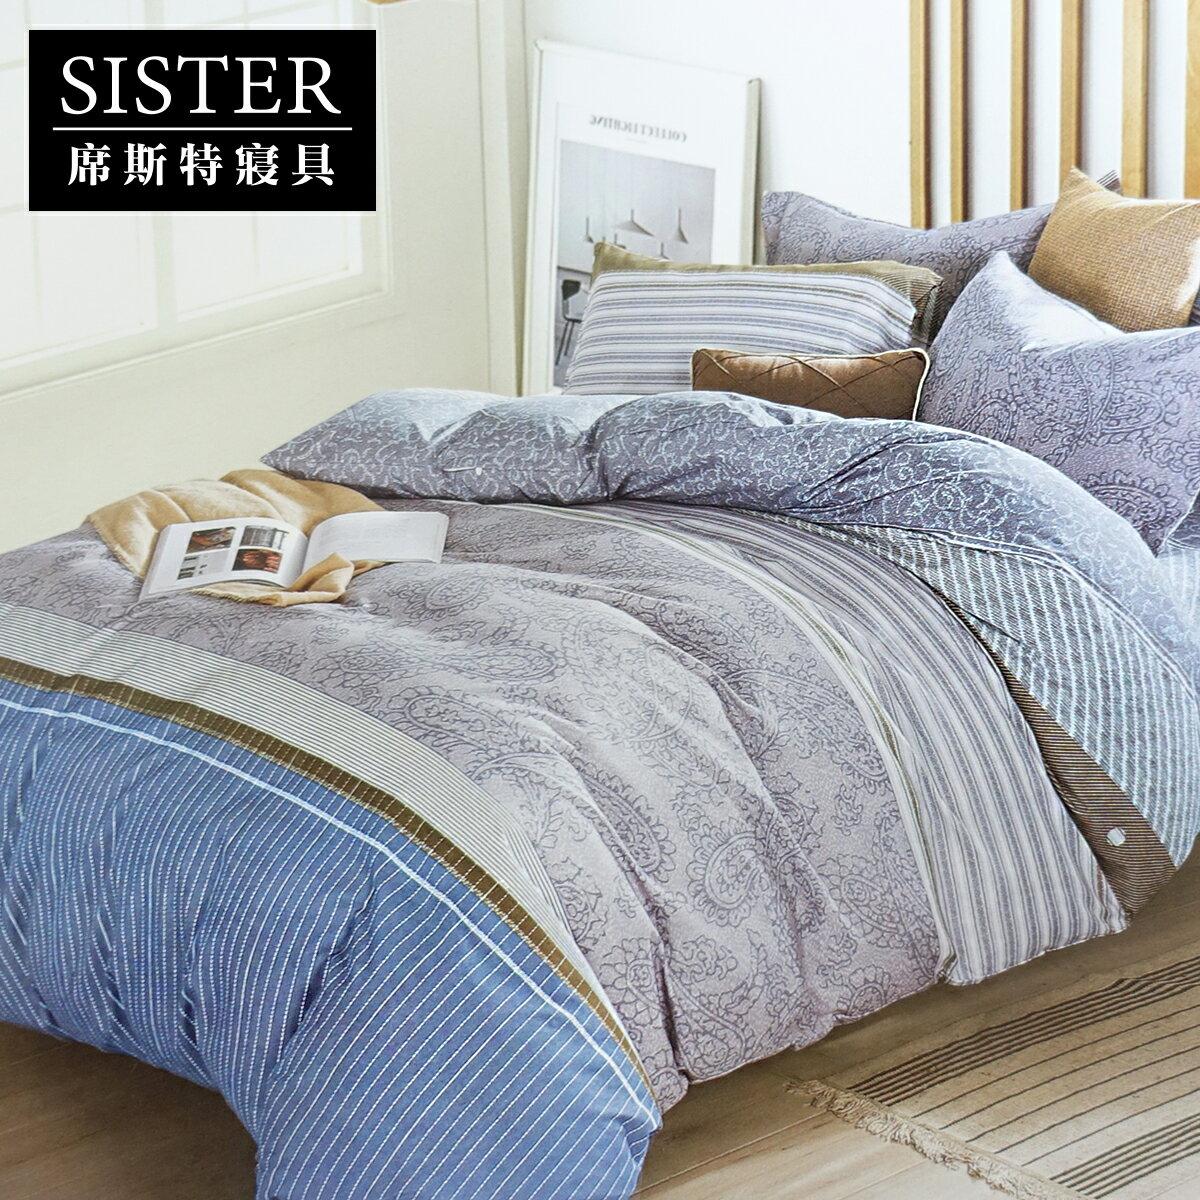 【SISTER席斯特】流金歲月 床包枕套三件組-雙人